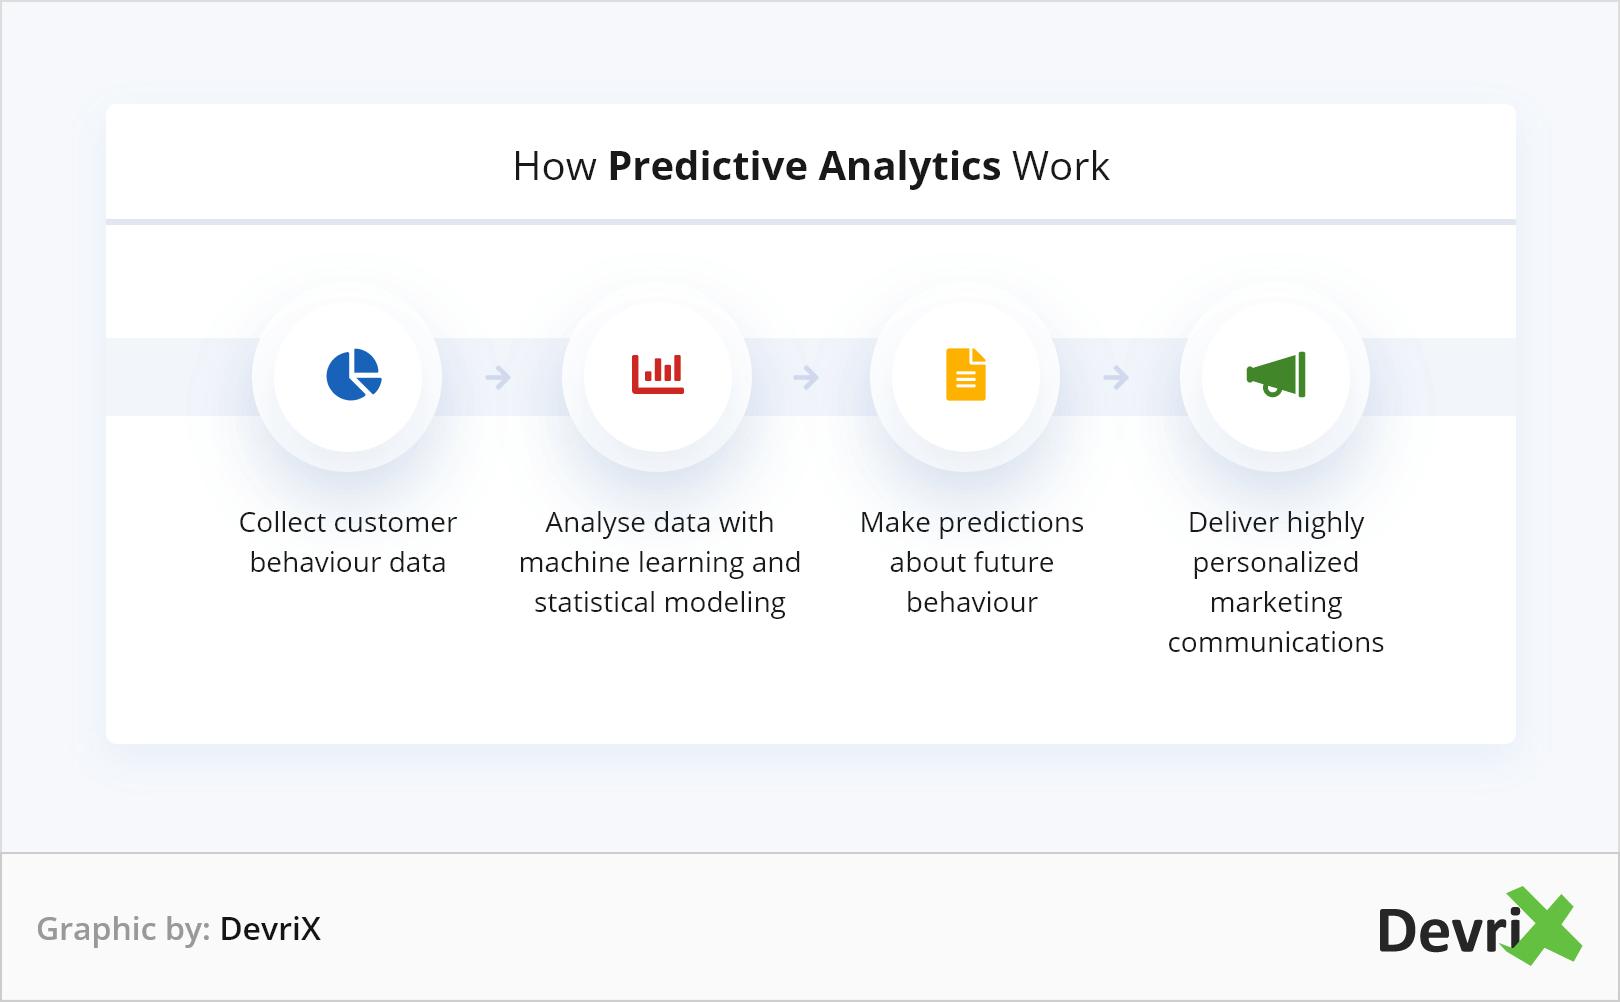 How Predictive Analytics Work